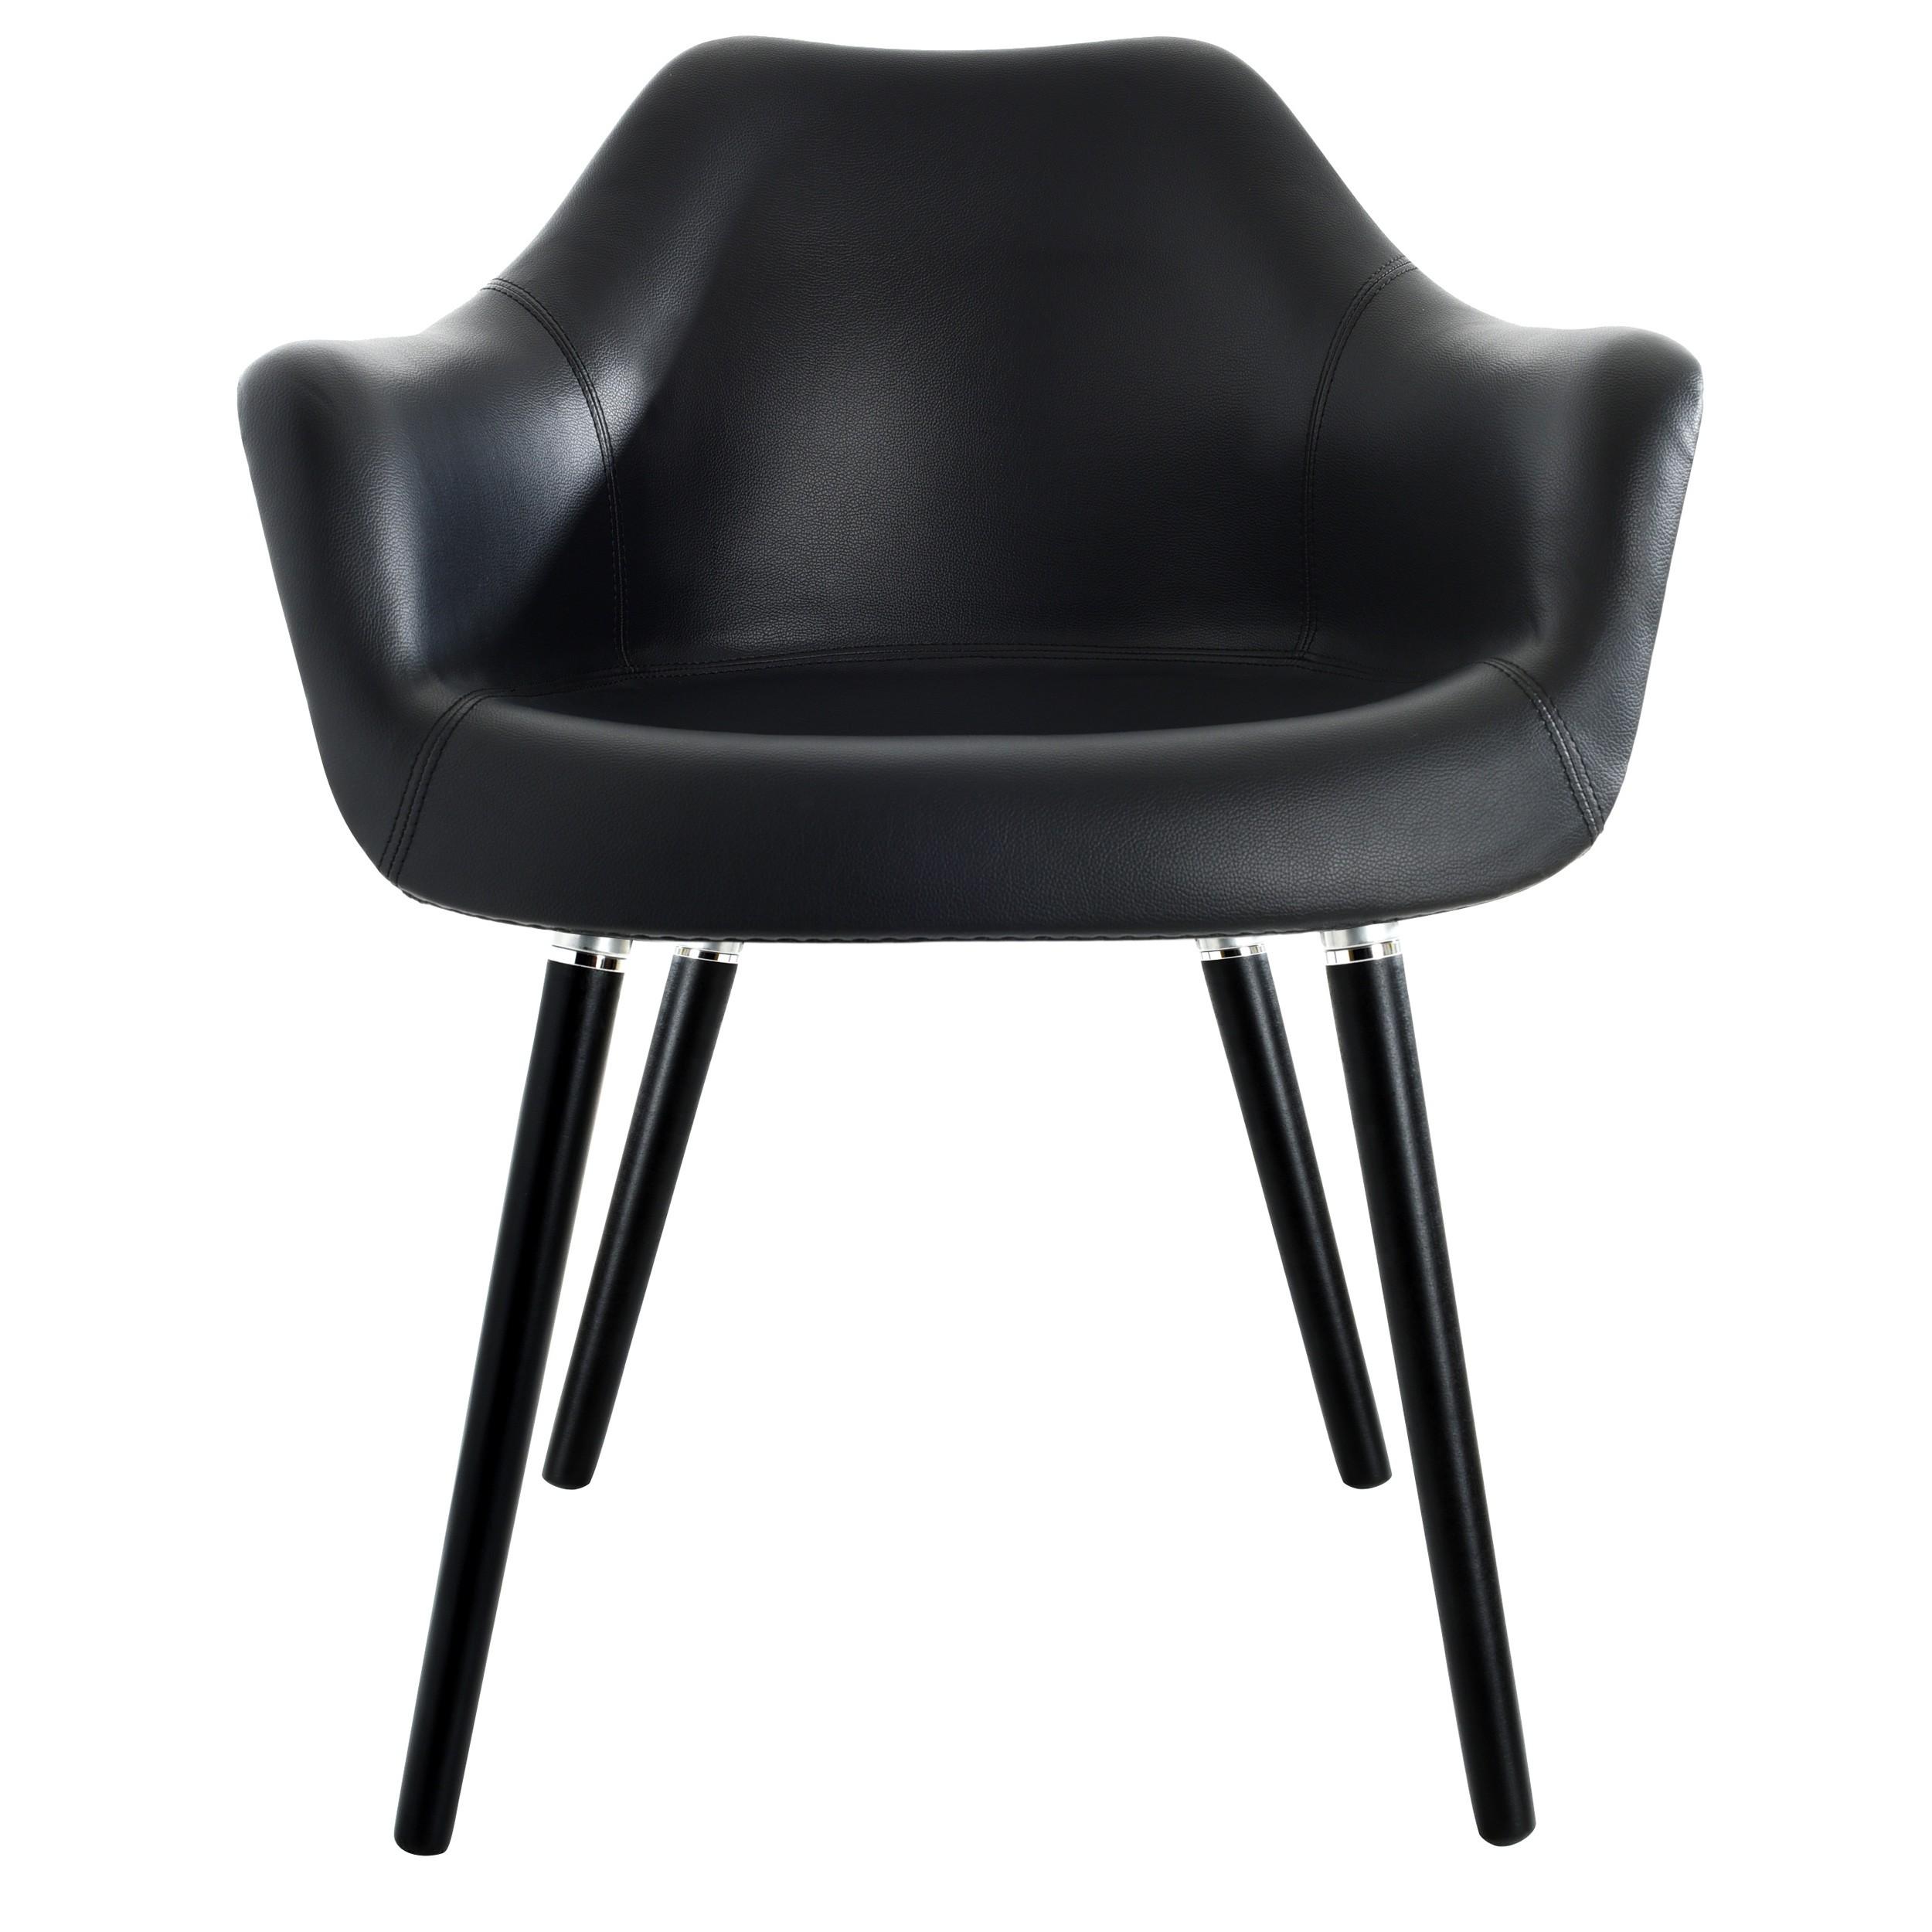 chaise anssen en cuir synth tique noir achetez nos chaises anssen en cuir synth tique noir rdv d co. Black Bedroom Furniture Sets. Home Design Ideas